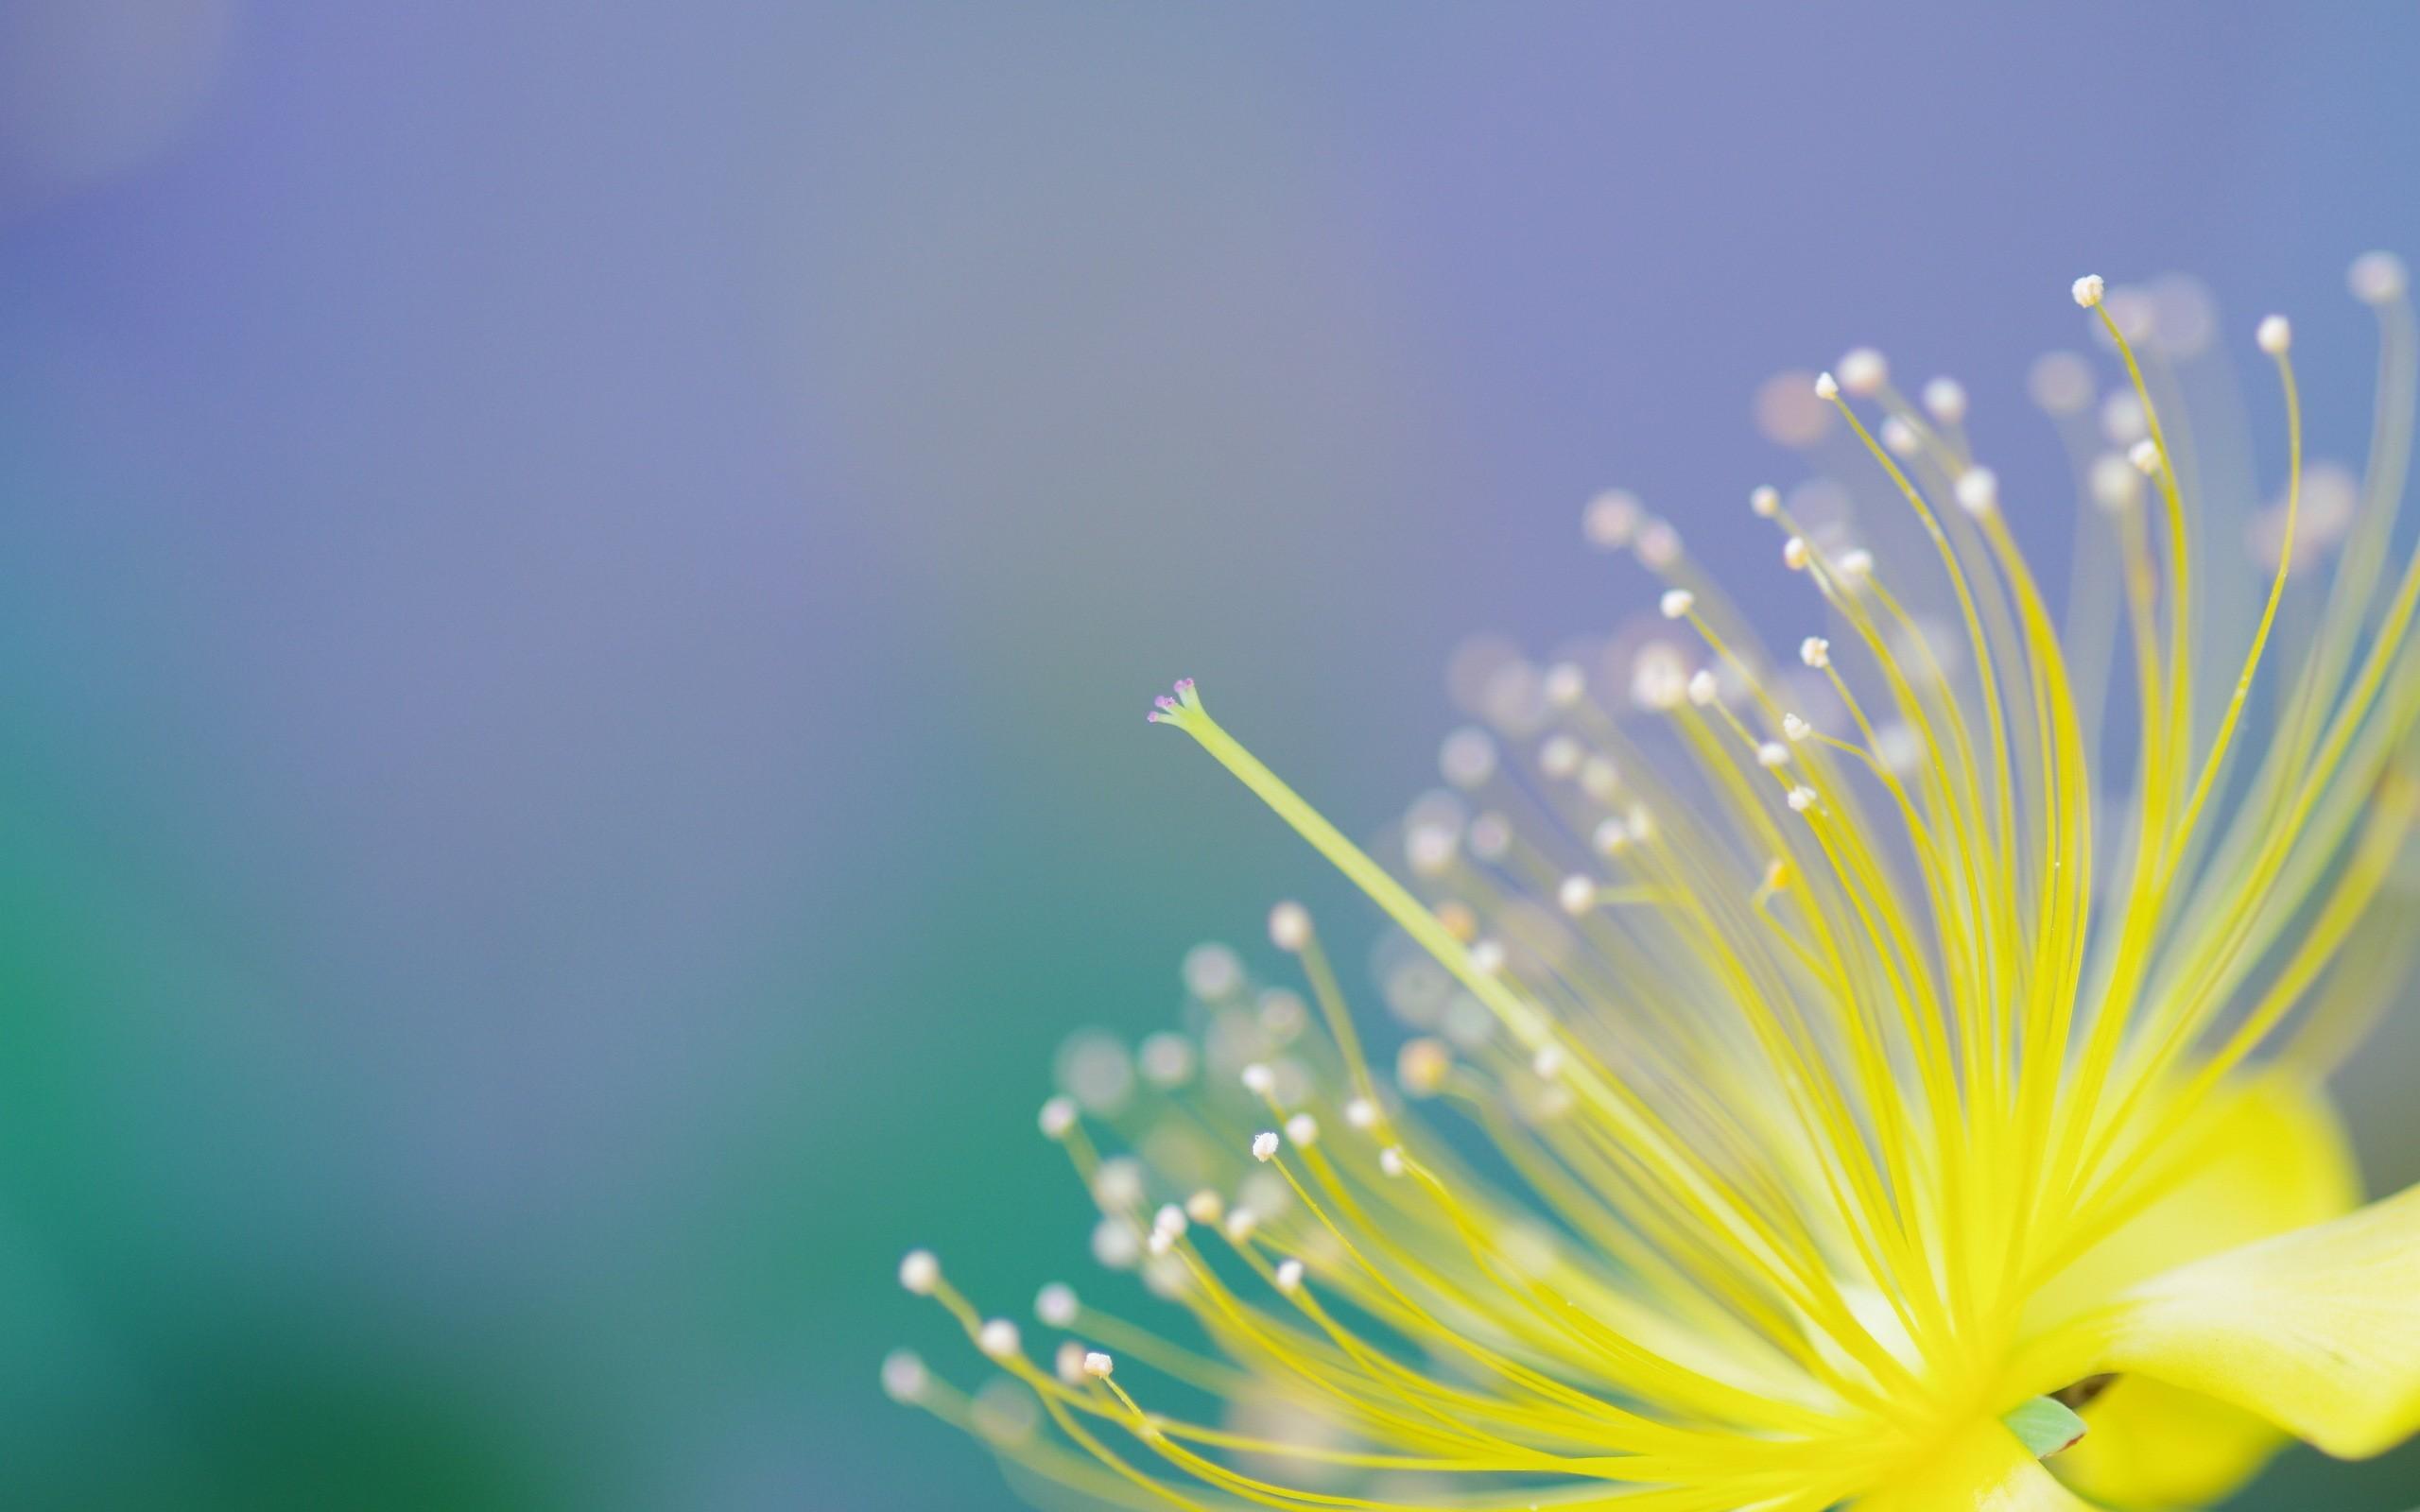 Flor macro y desenfoque - 2560x1600